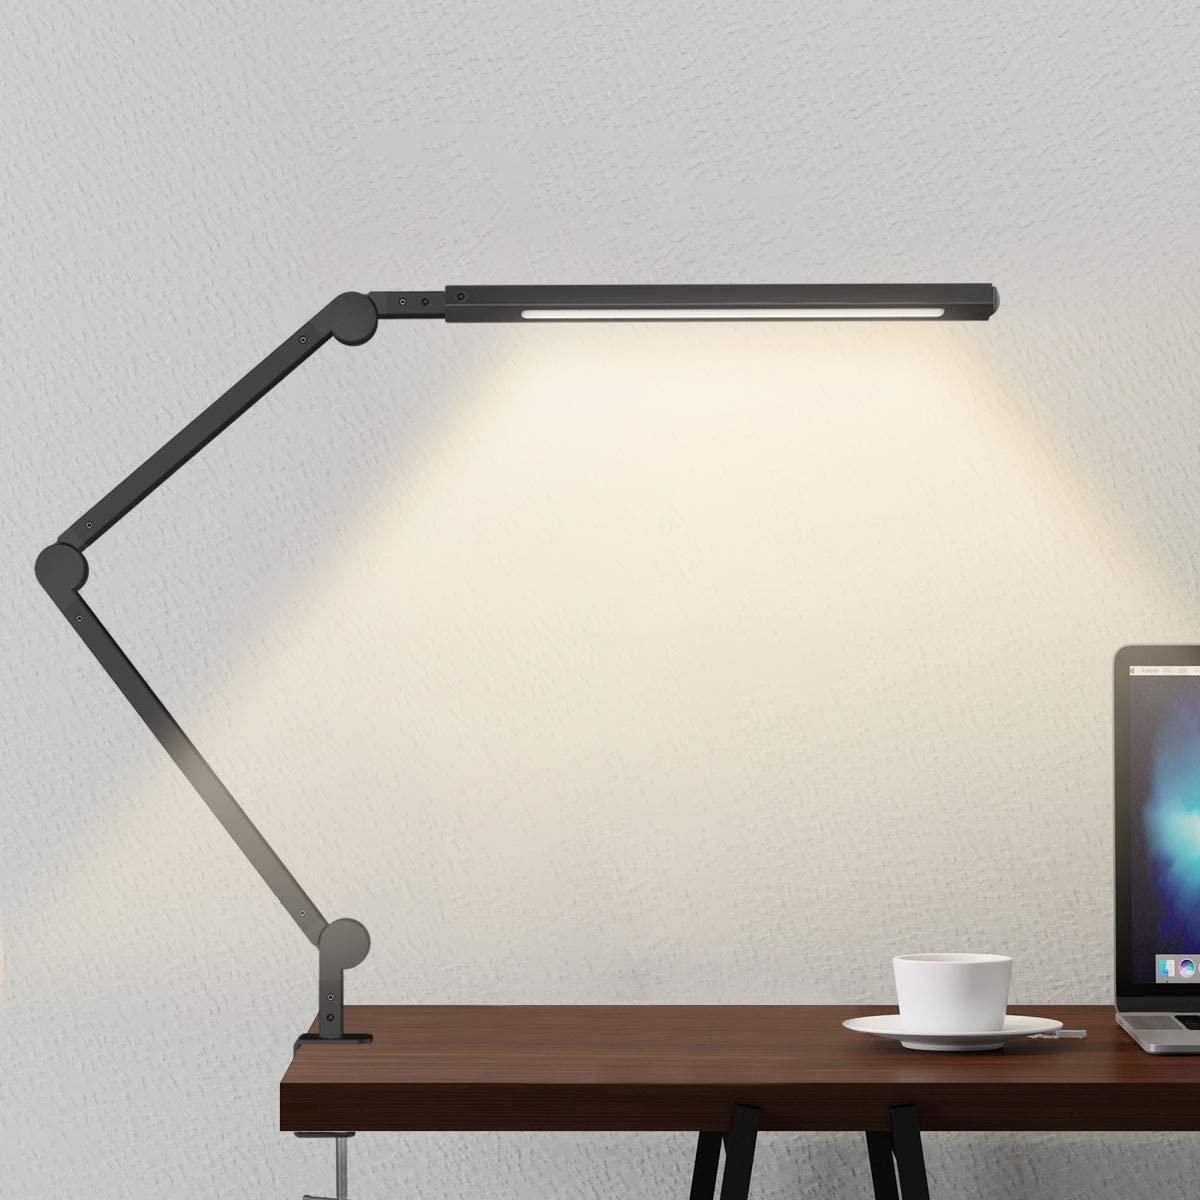 Lámpara Escritorio LED, Wellwerks 9W Lámpara de Mesa Abrazadera Brazo Oscilante Luz Regulable con 6 Modos de Color + Temporizador + Memoria para Lectura Trabajo Oficina (Negro) [Clase de eficiencia energética A++]